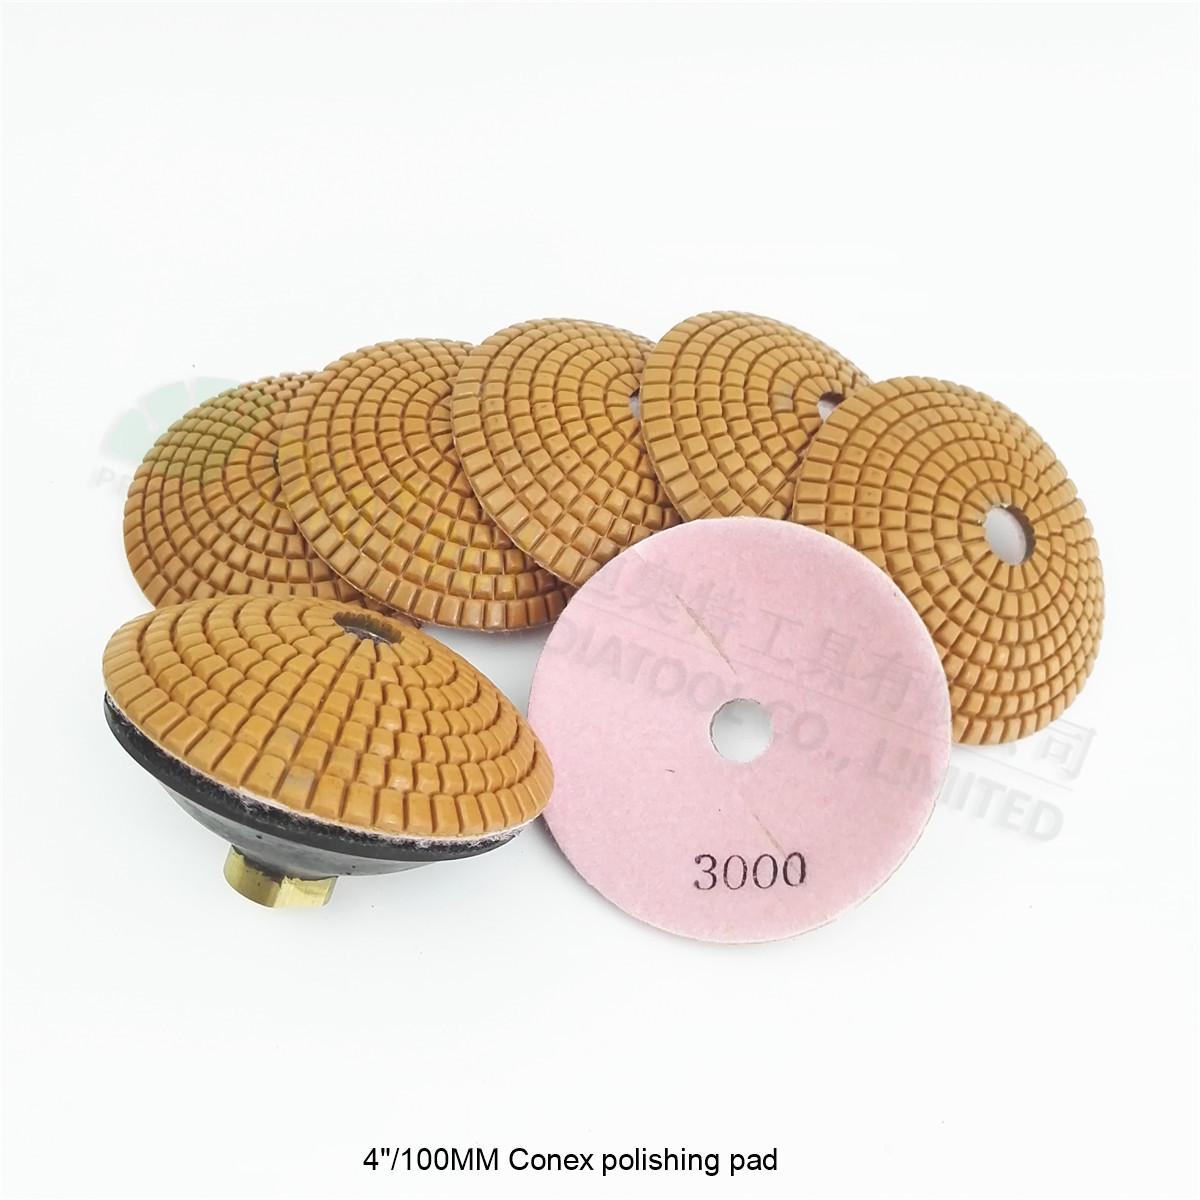 [해외]DIATOOL 7 piece 4 & Grit 3000 bowl 모양의 습식 다이아몬드 연마 패드 1pc 지지대 직경 100mm 볼록 샌딩 디스크/DIATOOL 7pcs 4& Grit 3000 bowl shaped wet diamond polishing p